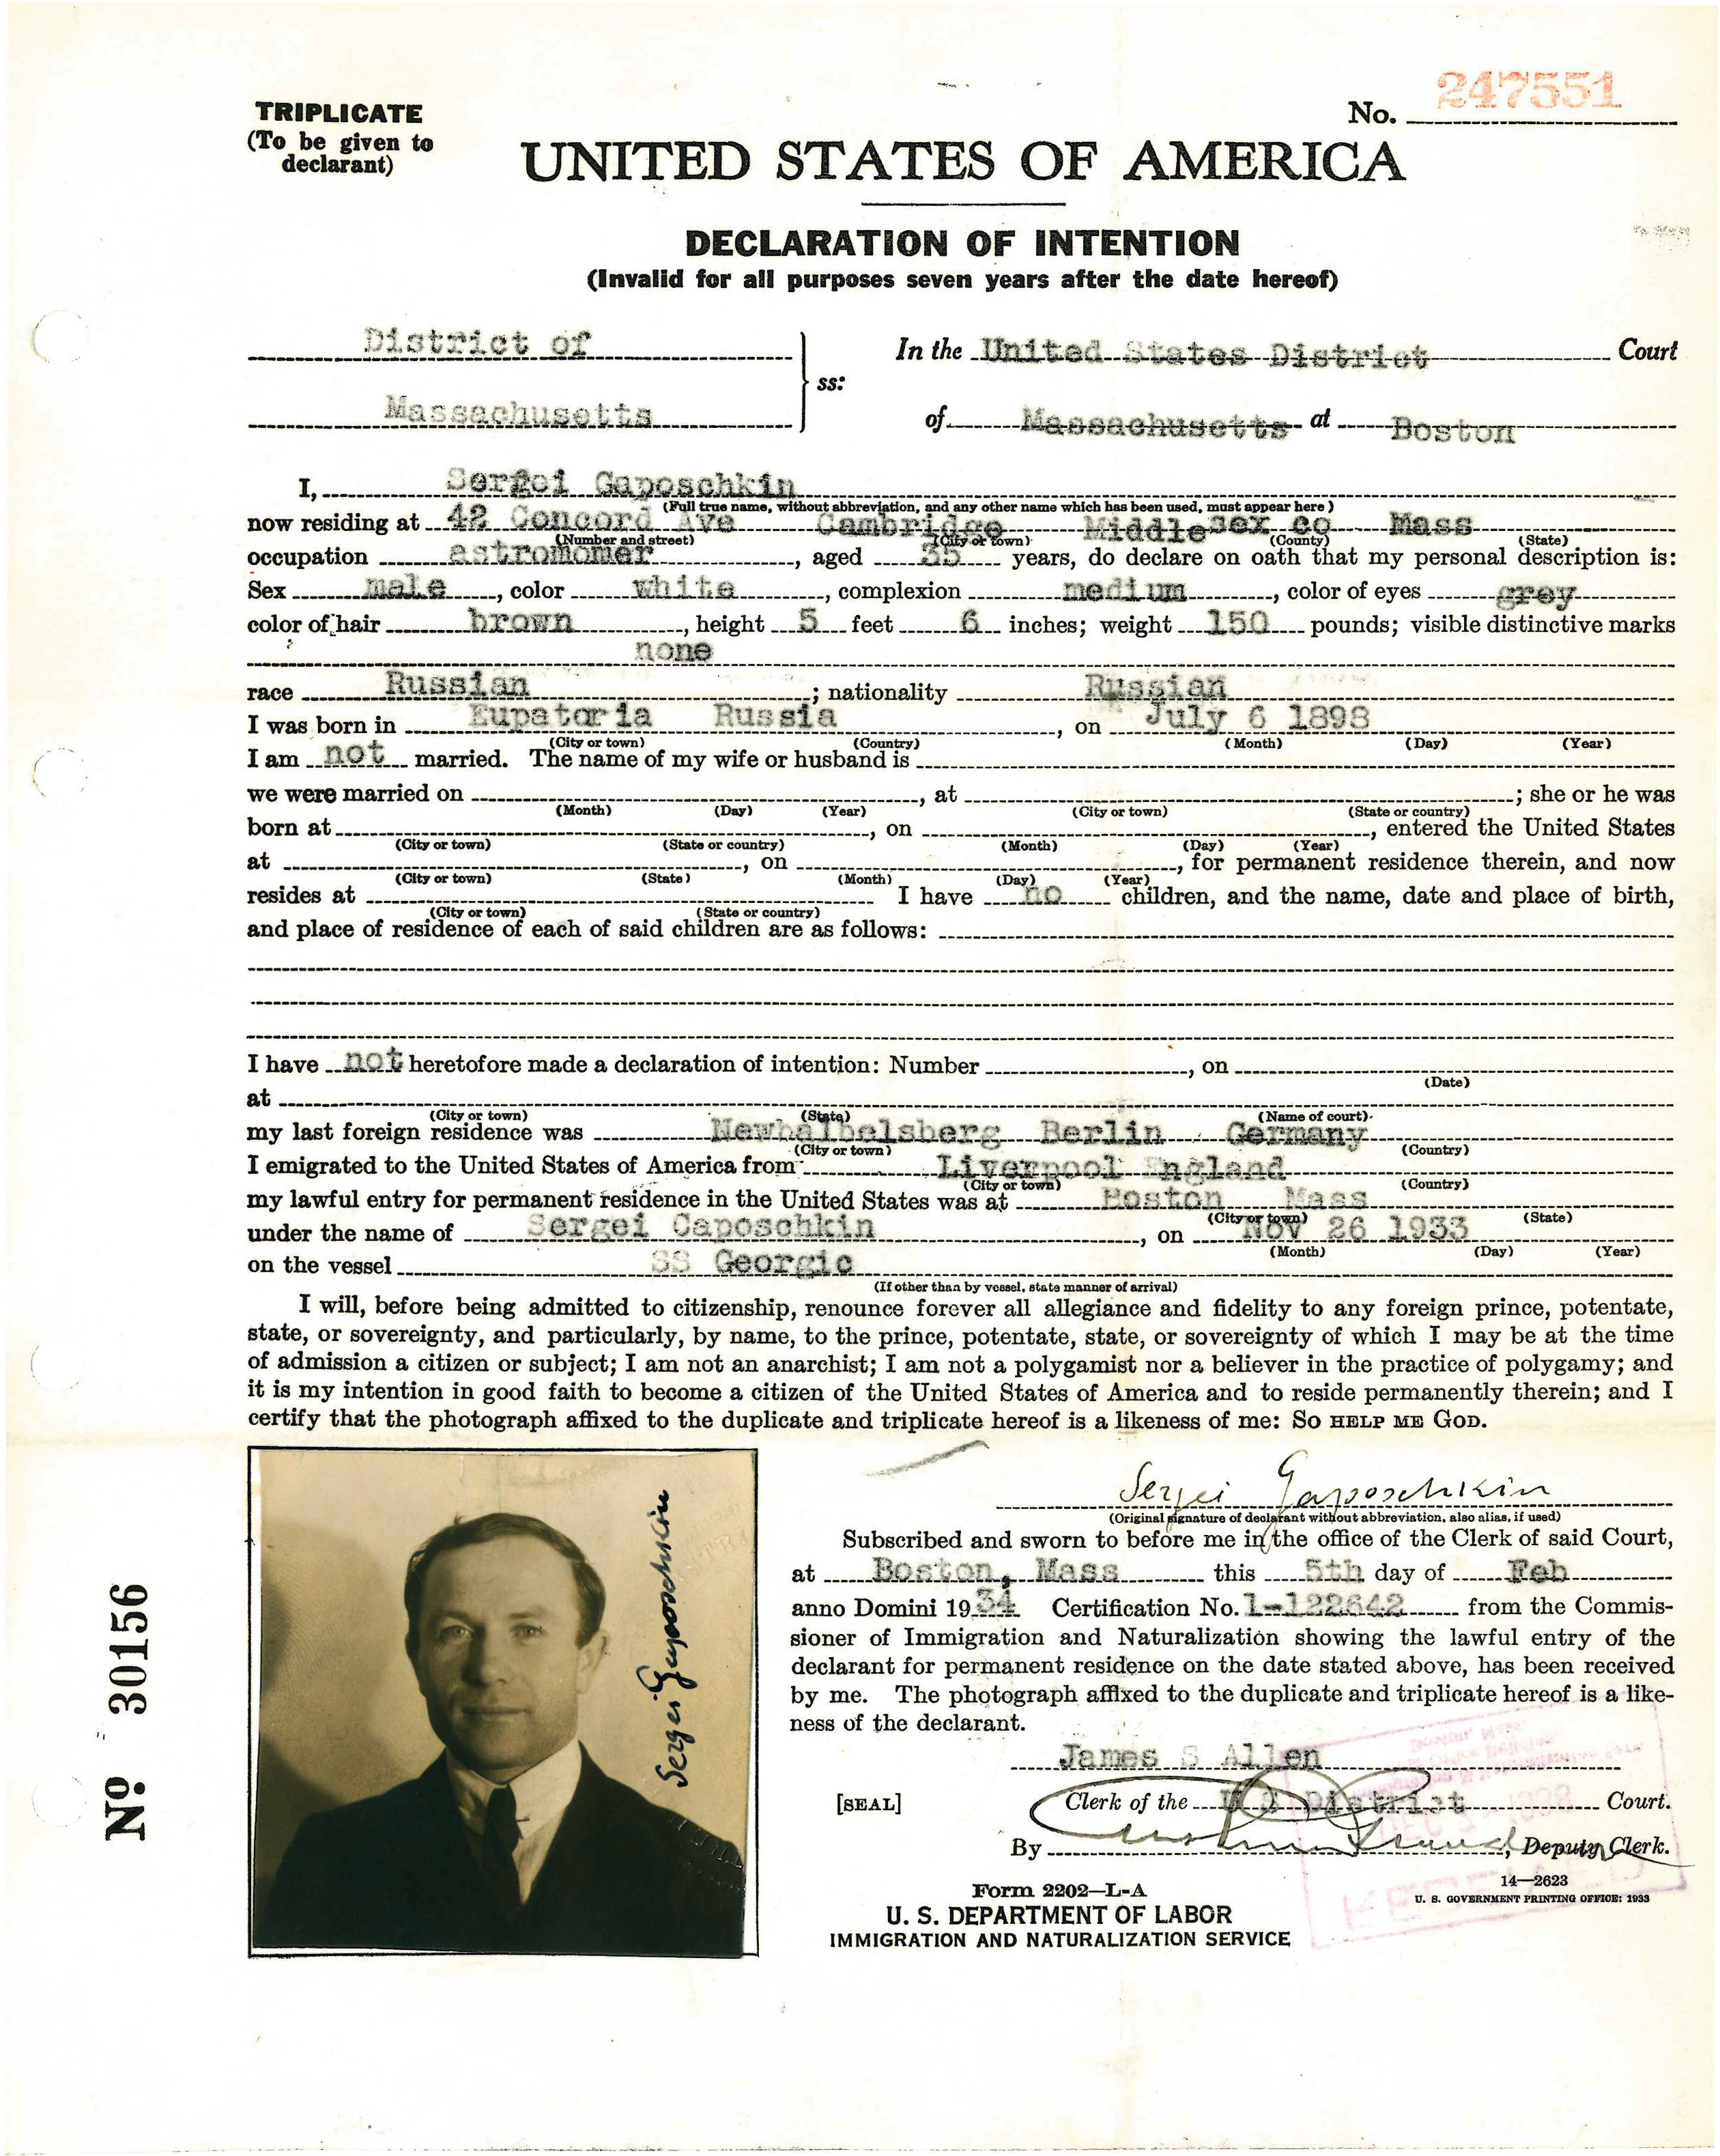 Declaration of Intention of Sergei Gaposchkin